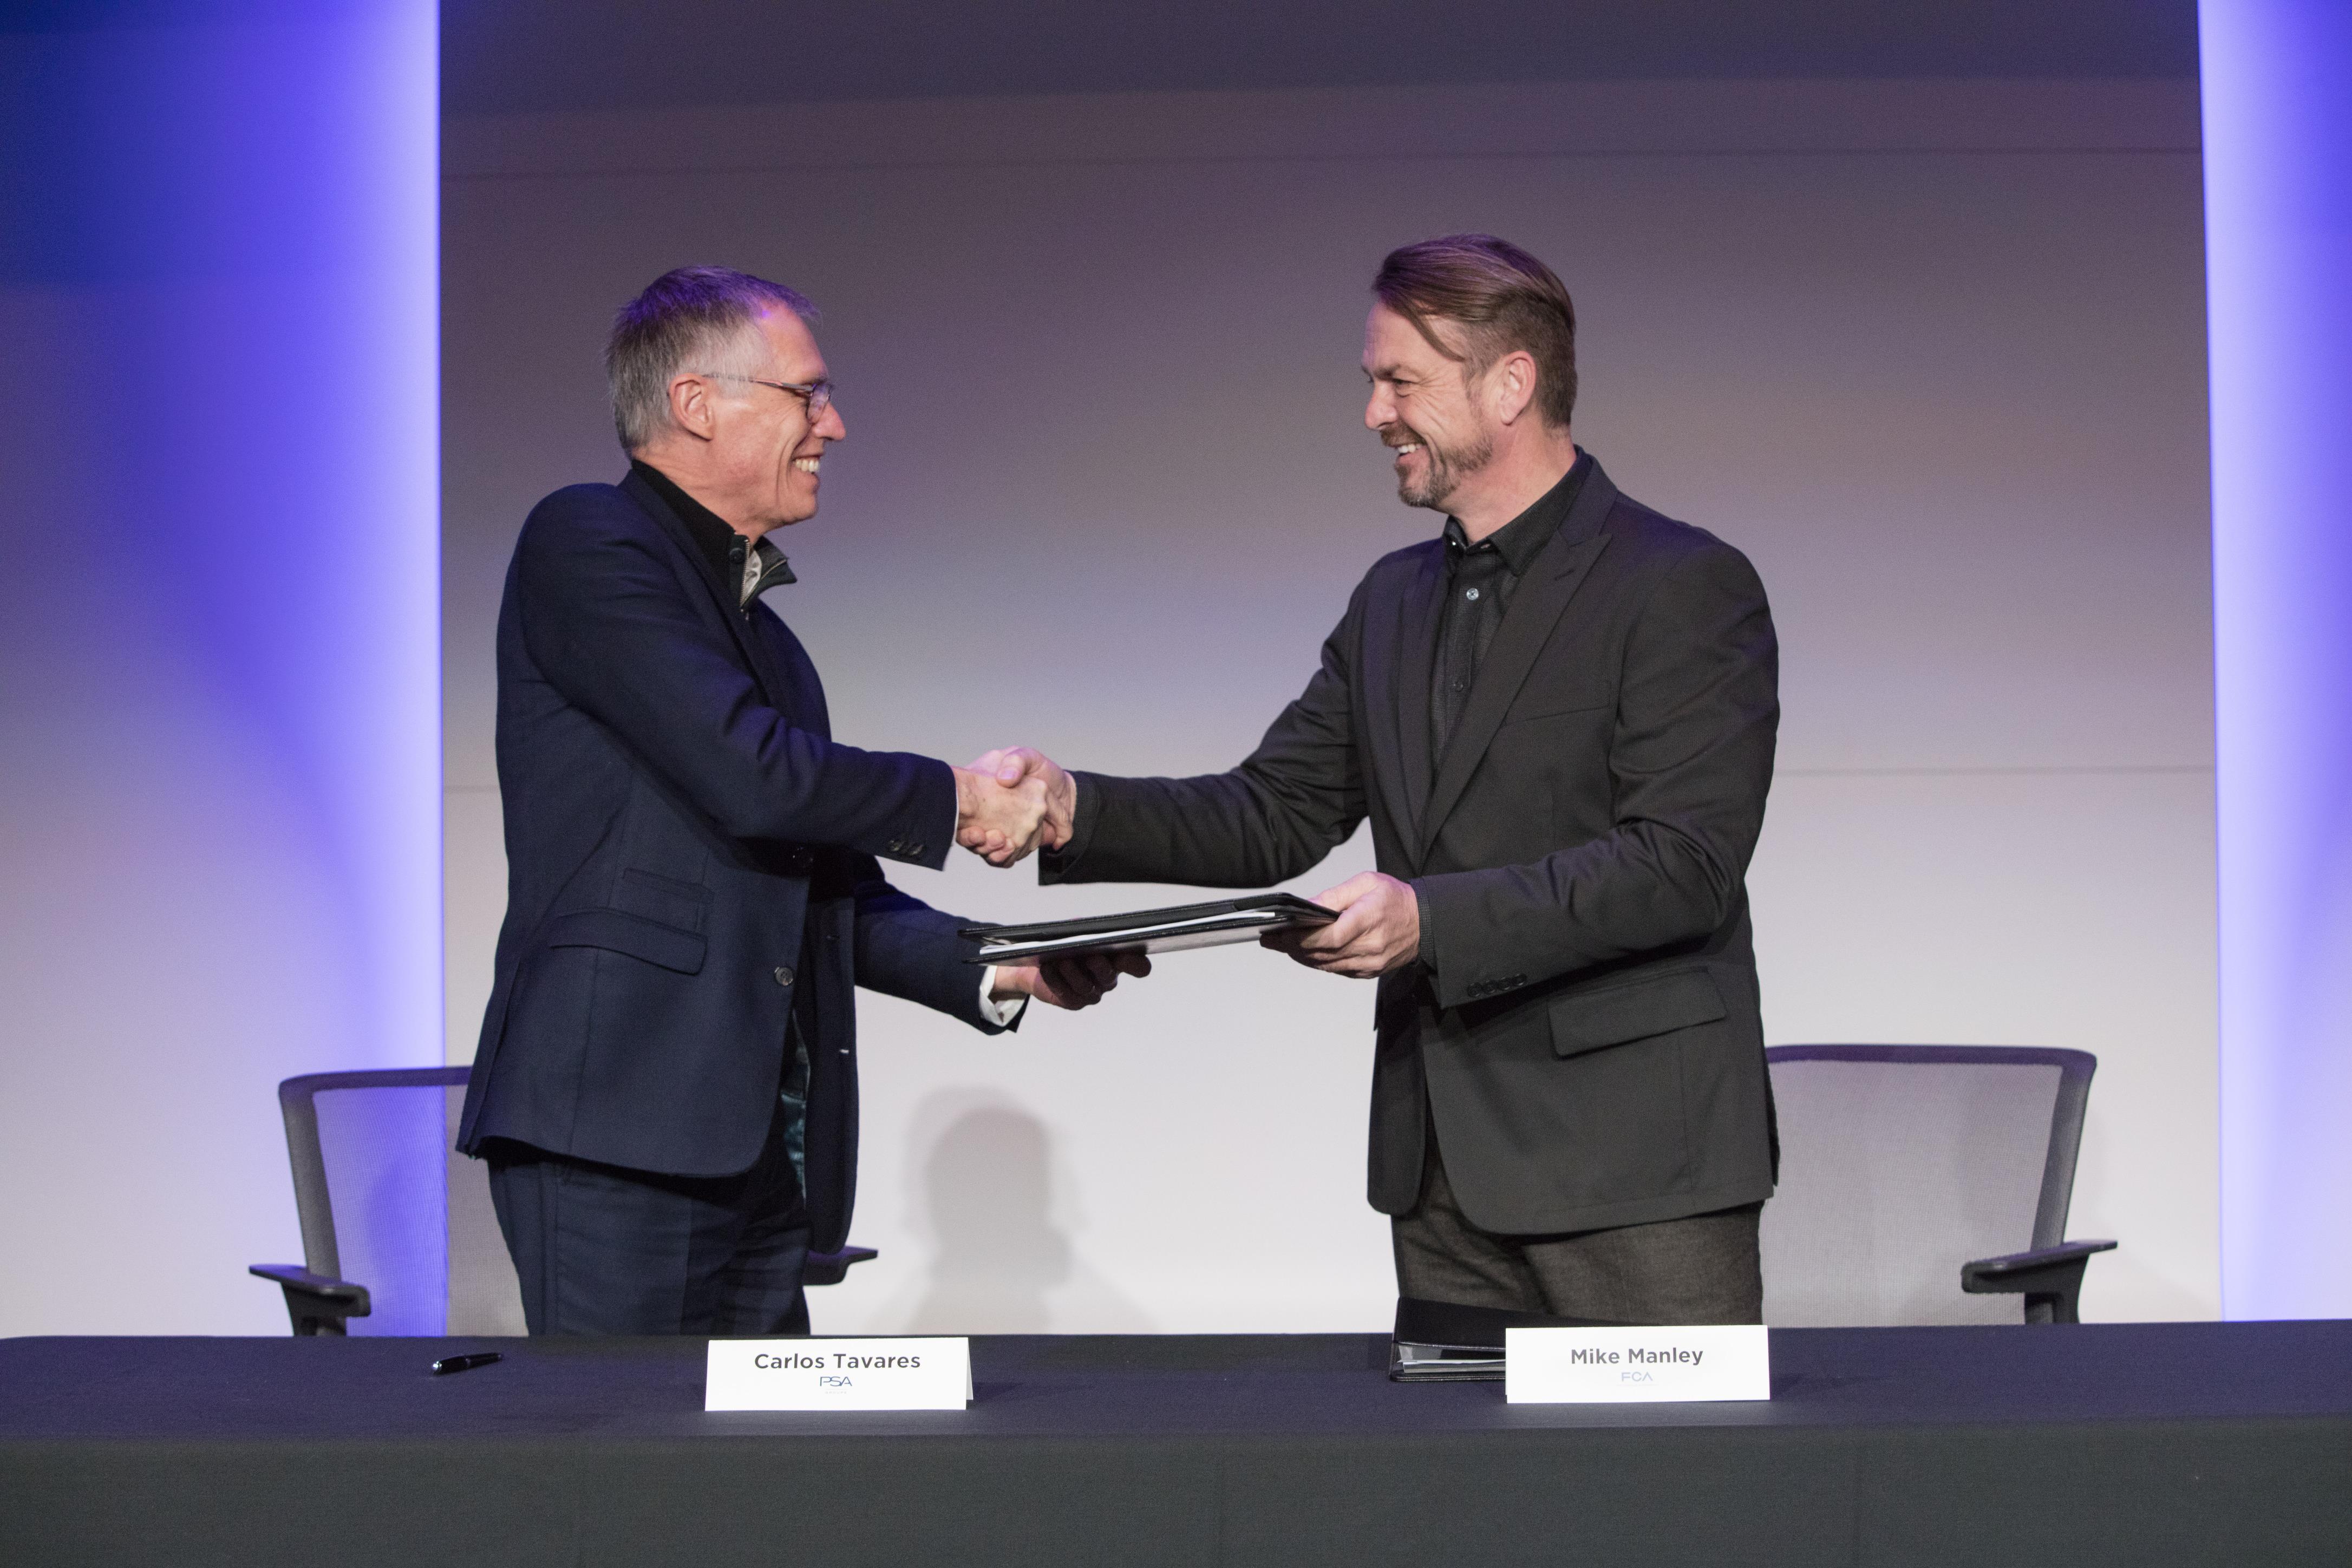 Os presidentes da da PSA, à esquerda, e da FCA, à direita, se cumprimentam durante assinatura do acordo que juntará os dois grupos automotivos